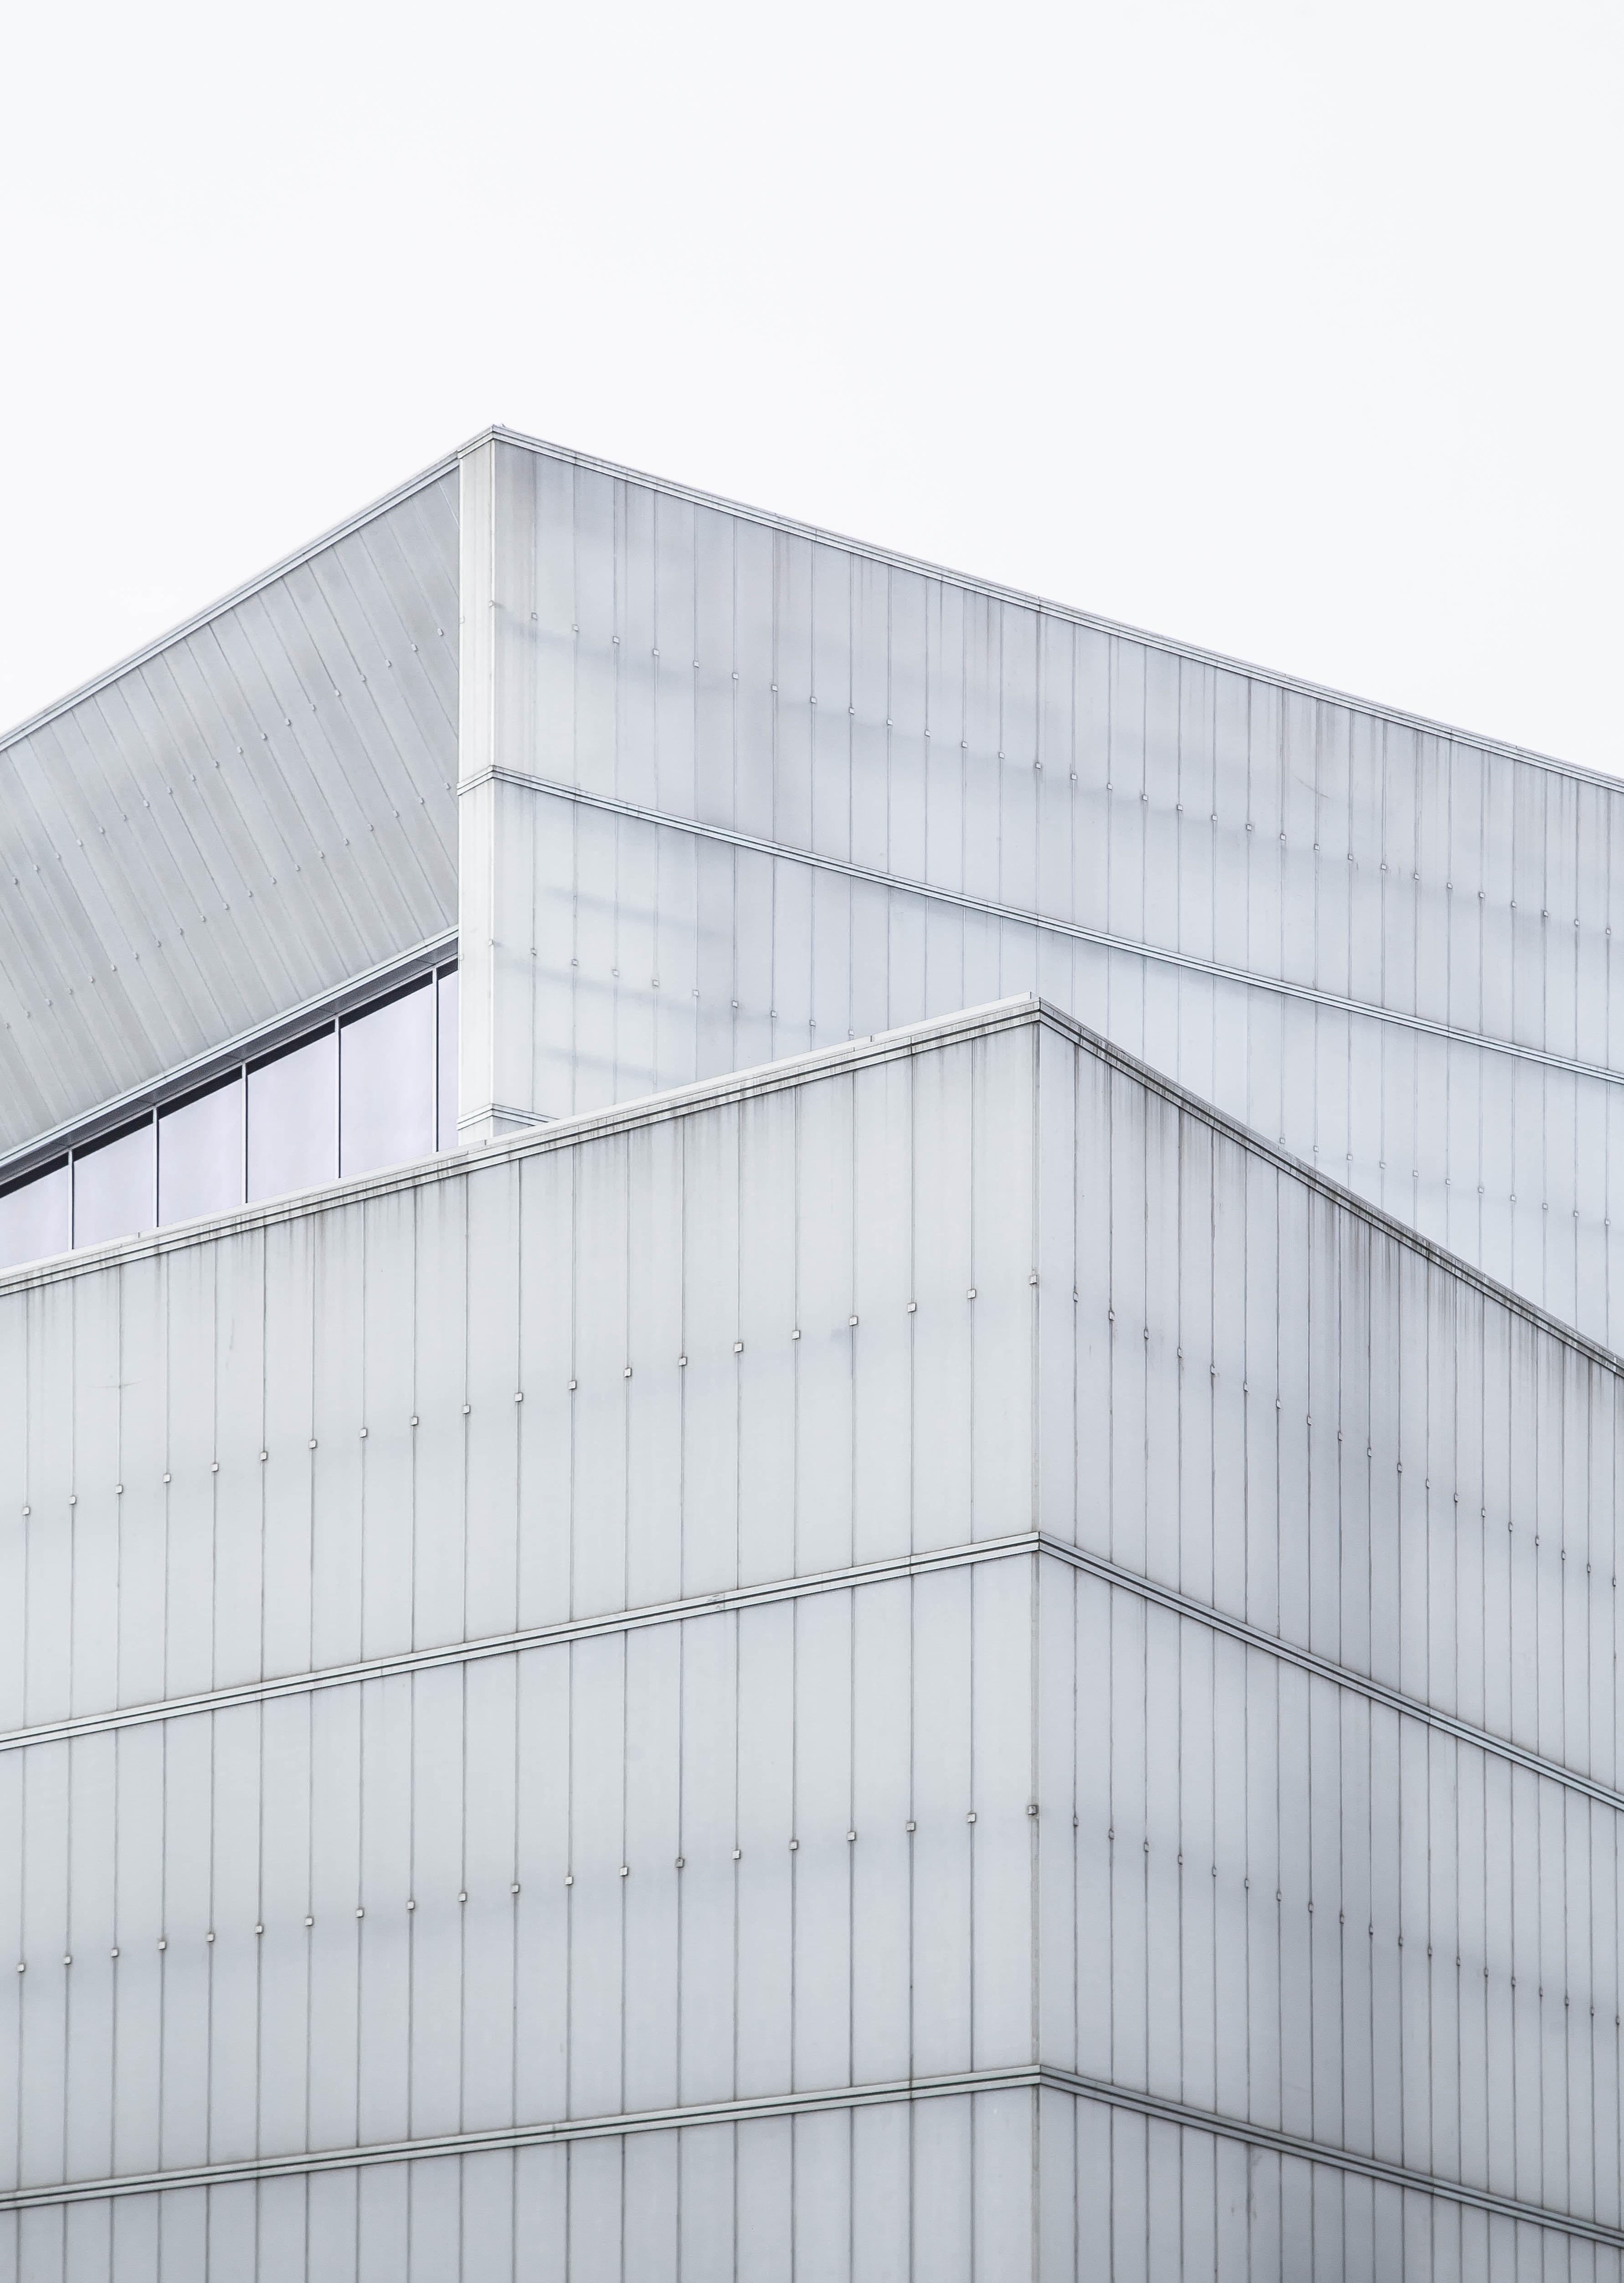 The top edge of a gray building facade